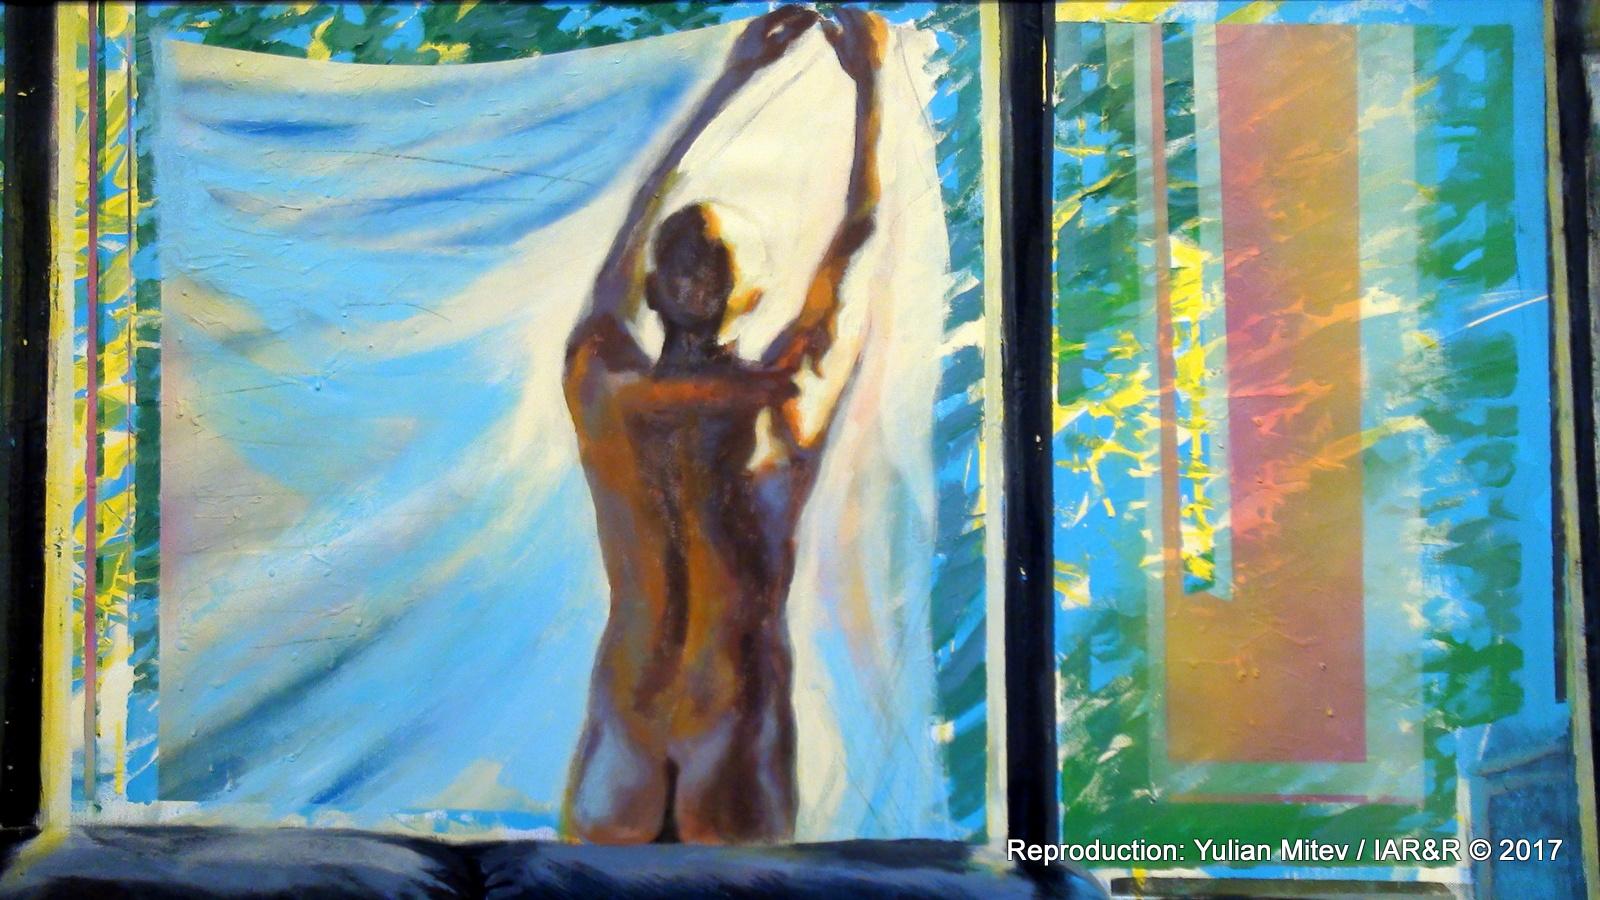 """Константин Костов, """"Състояния на пречистване ІІ"""" (фрагмент), 2017, акрил, масло върху платно, 100 х 125 см, естимейт € 1200, провенанс – ателието на художника"""